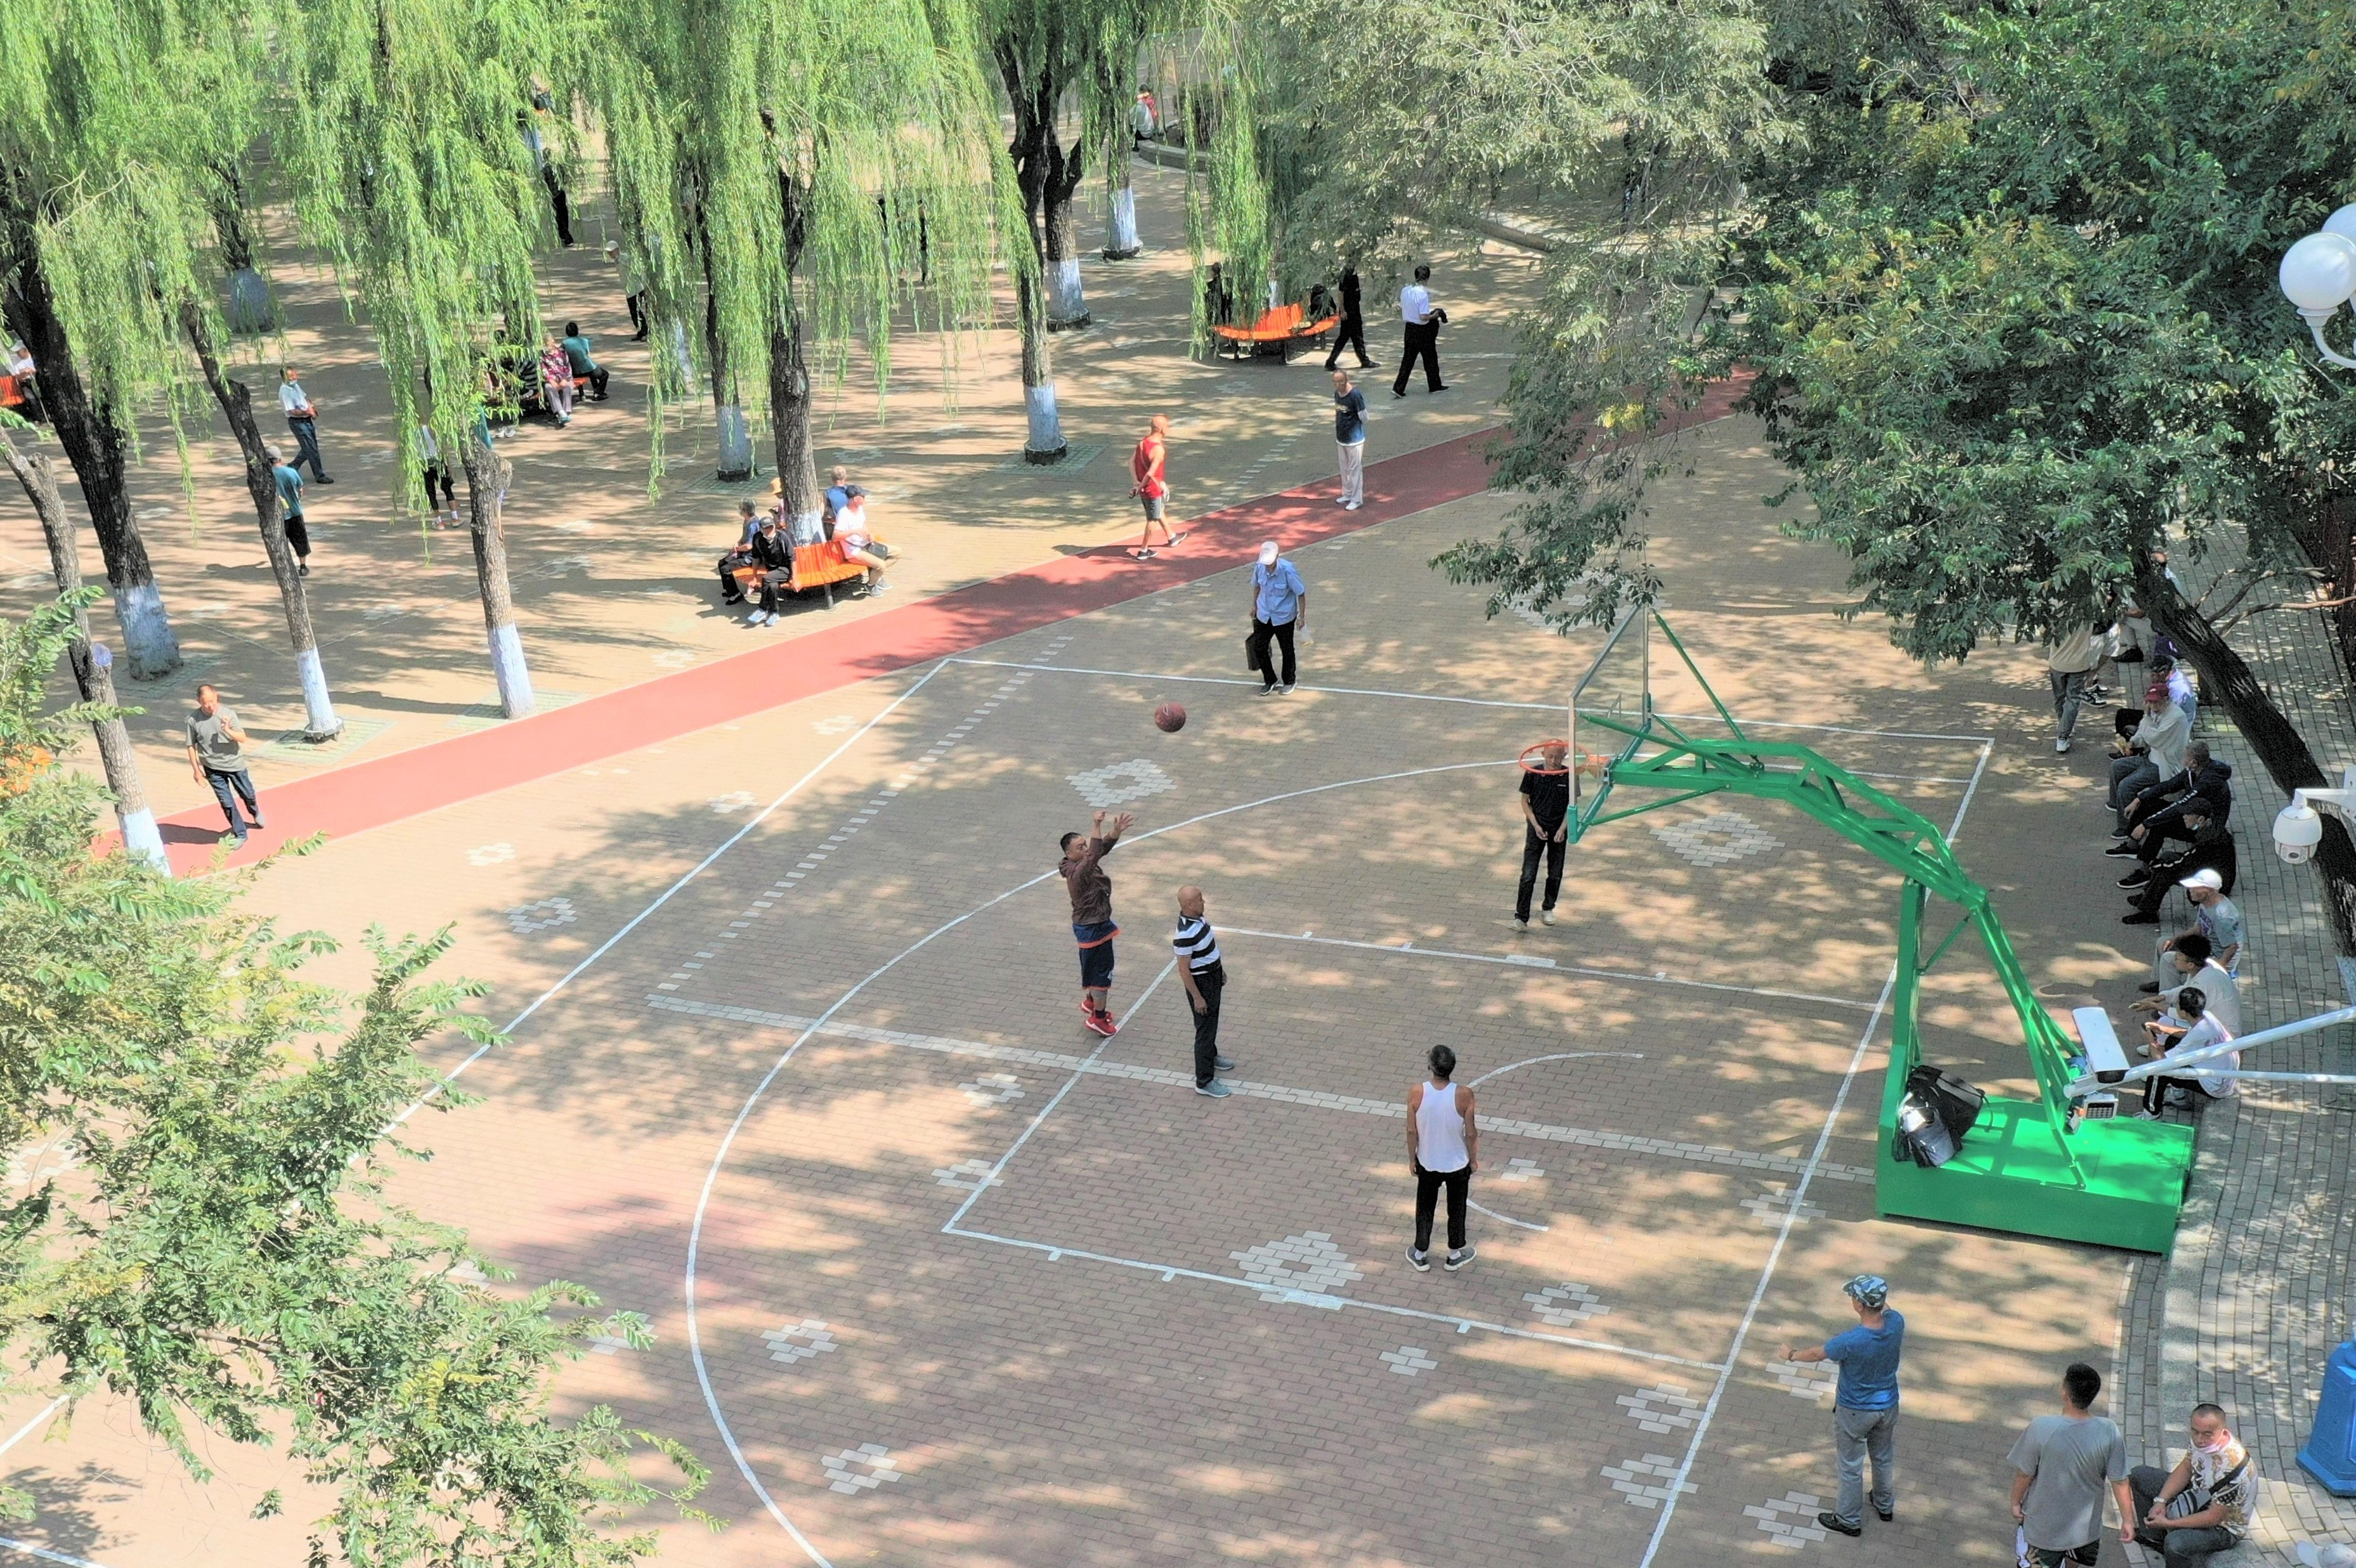 建国公园内增设的篮球场地